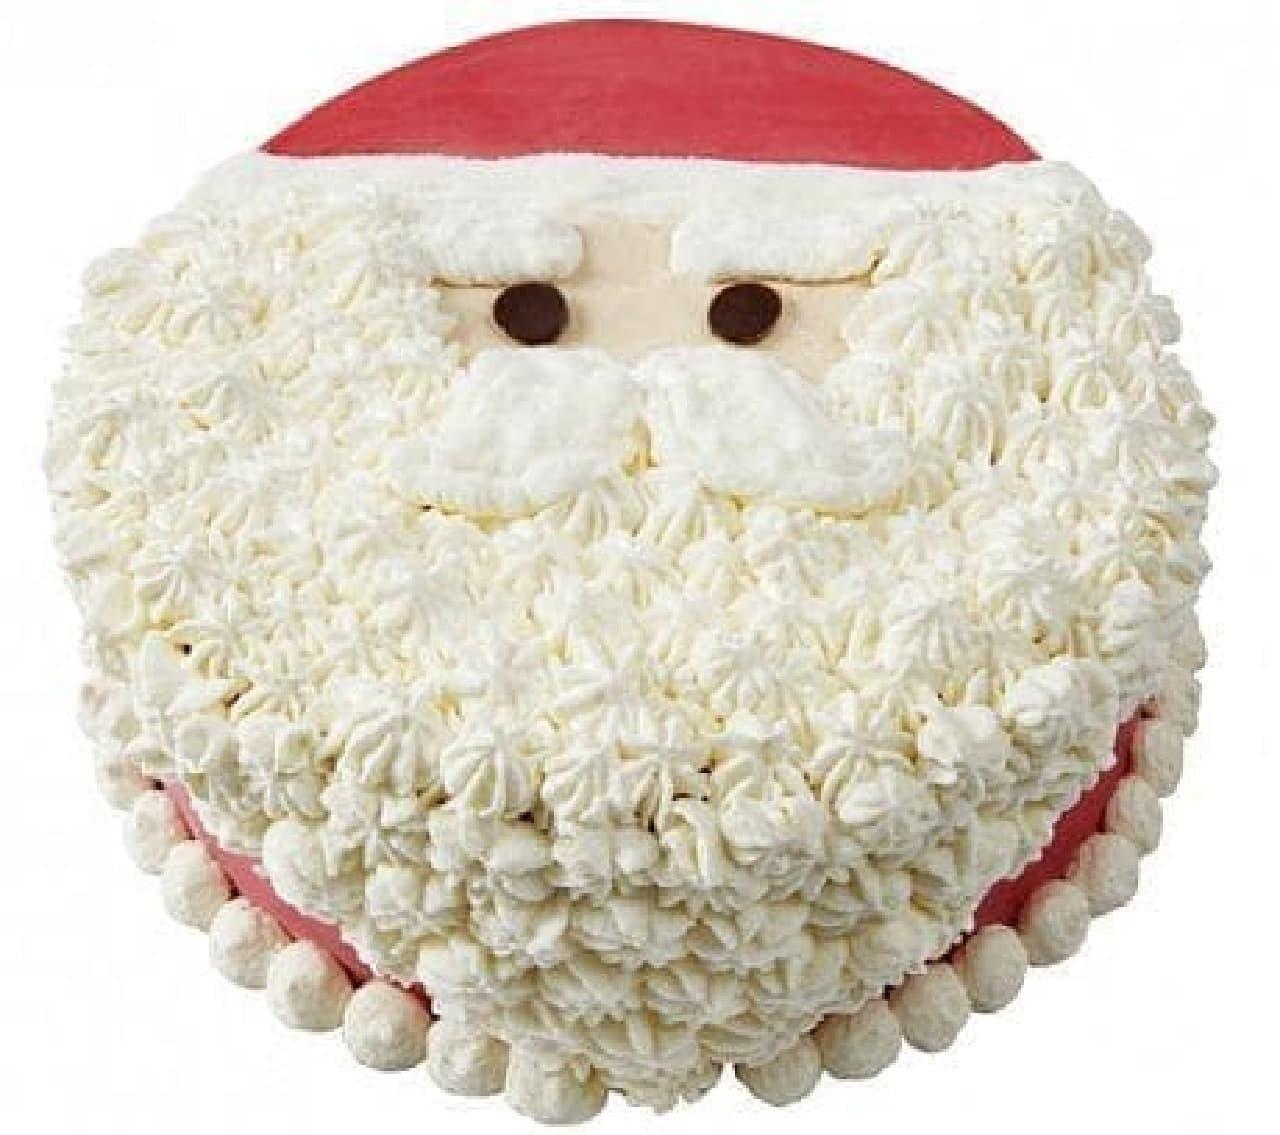 ベン&ジェリーズ「クリスマスアイスケーキ」